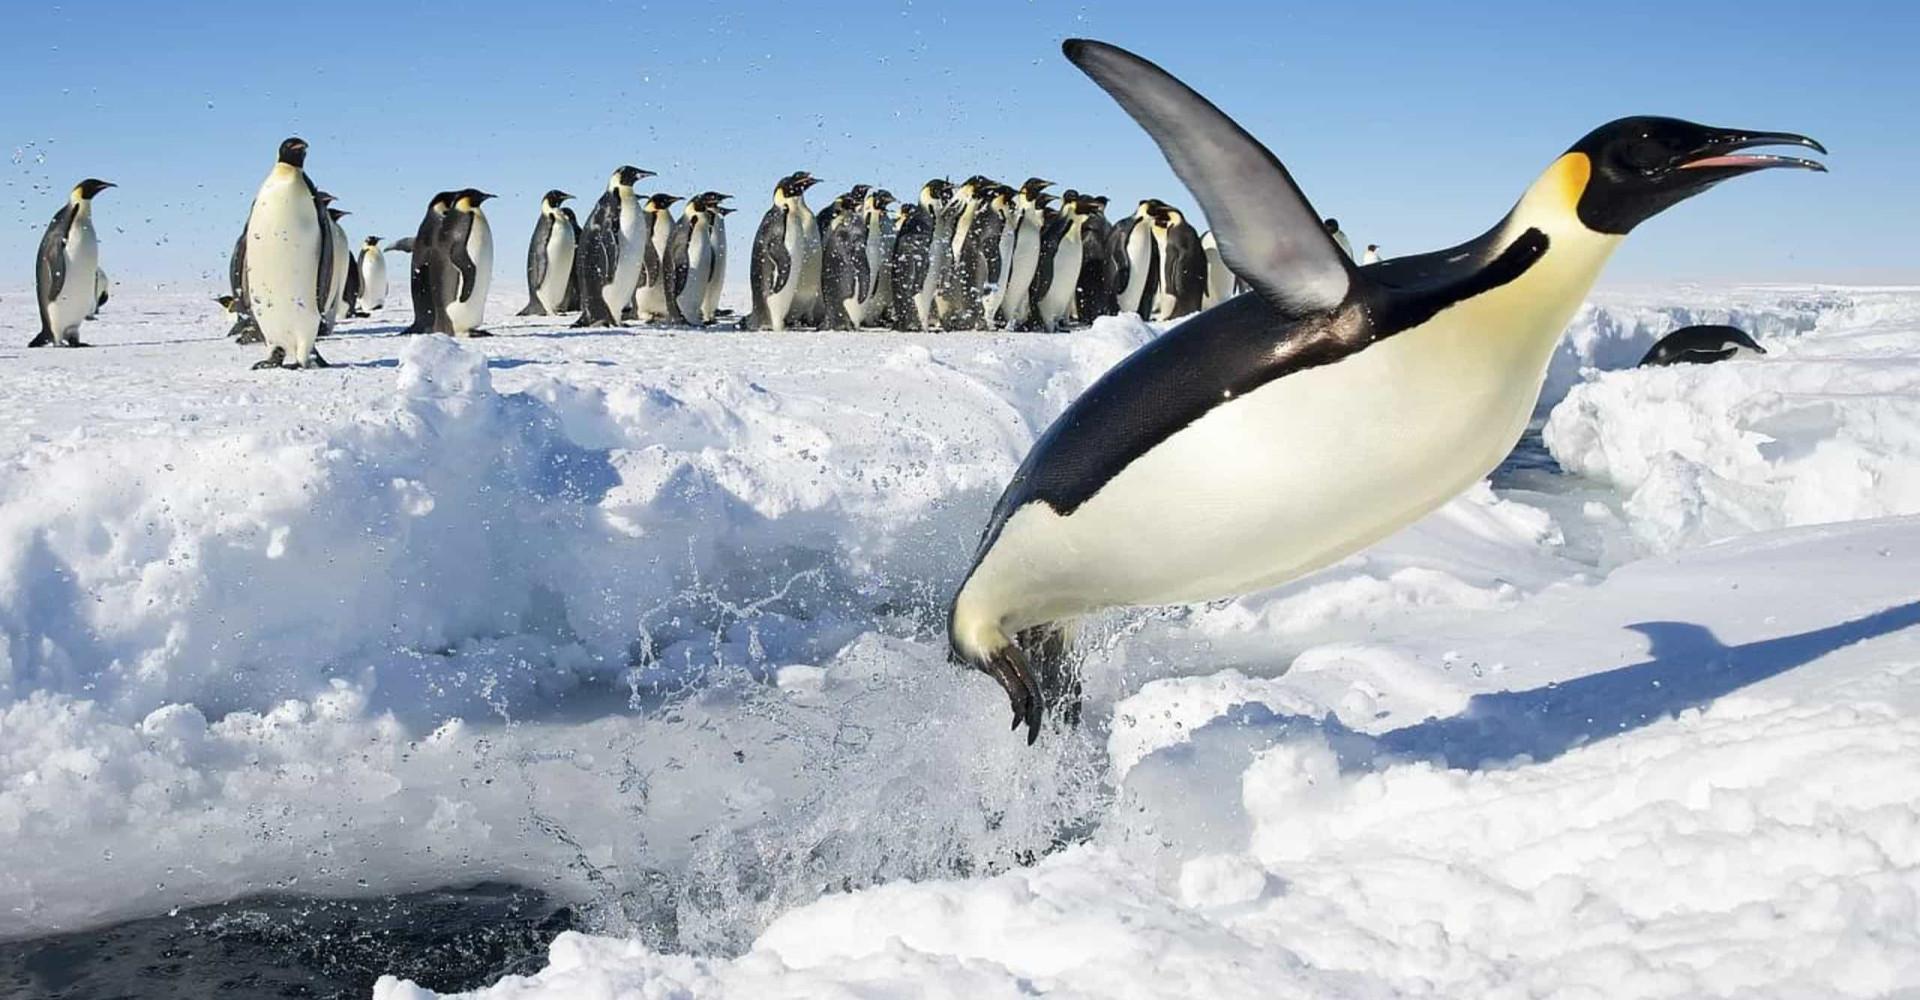 Antarktis: ein eiskaltes Märchenland